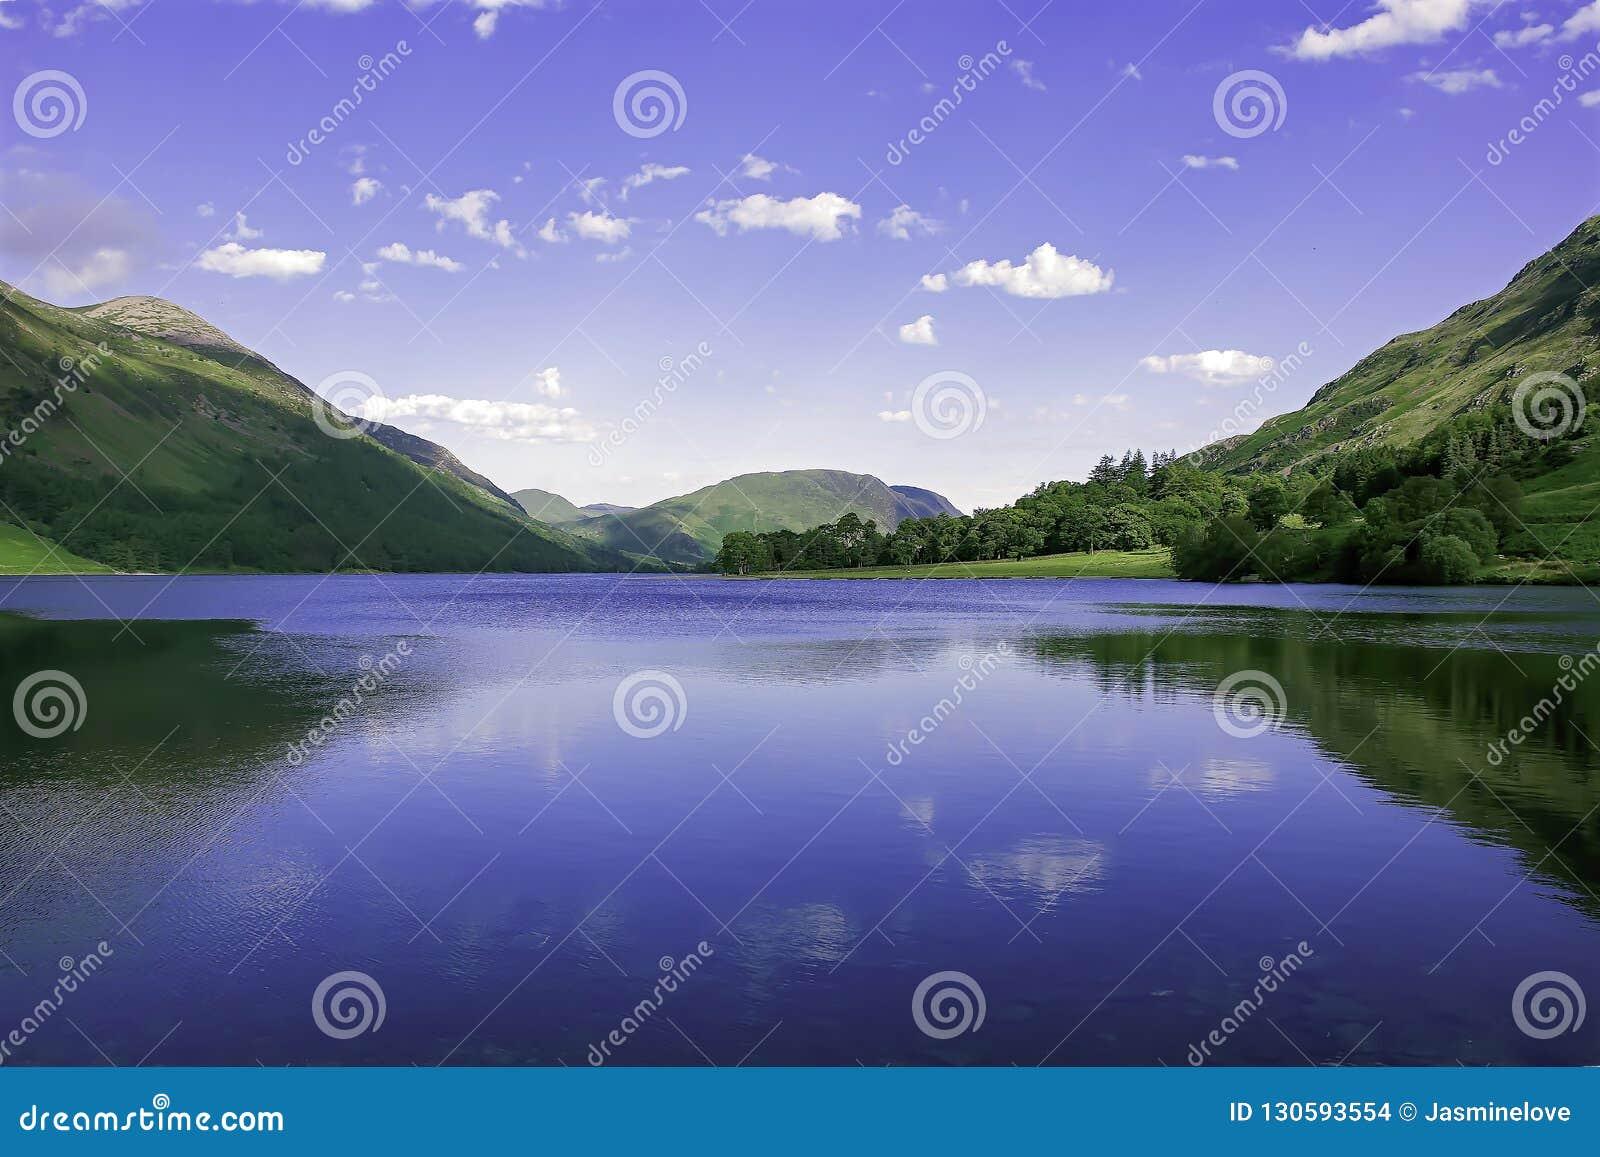 Идилличный ландшафт национального парка района озера, Cumbria, Великобритании